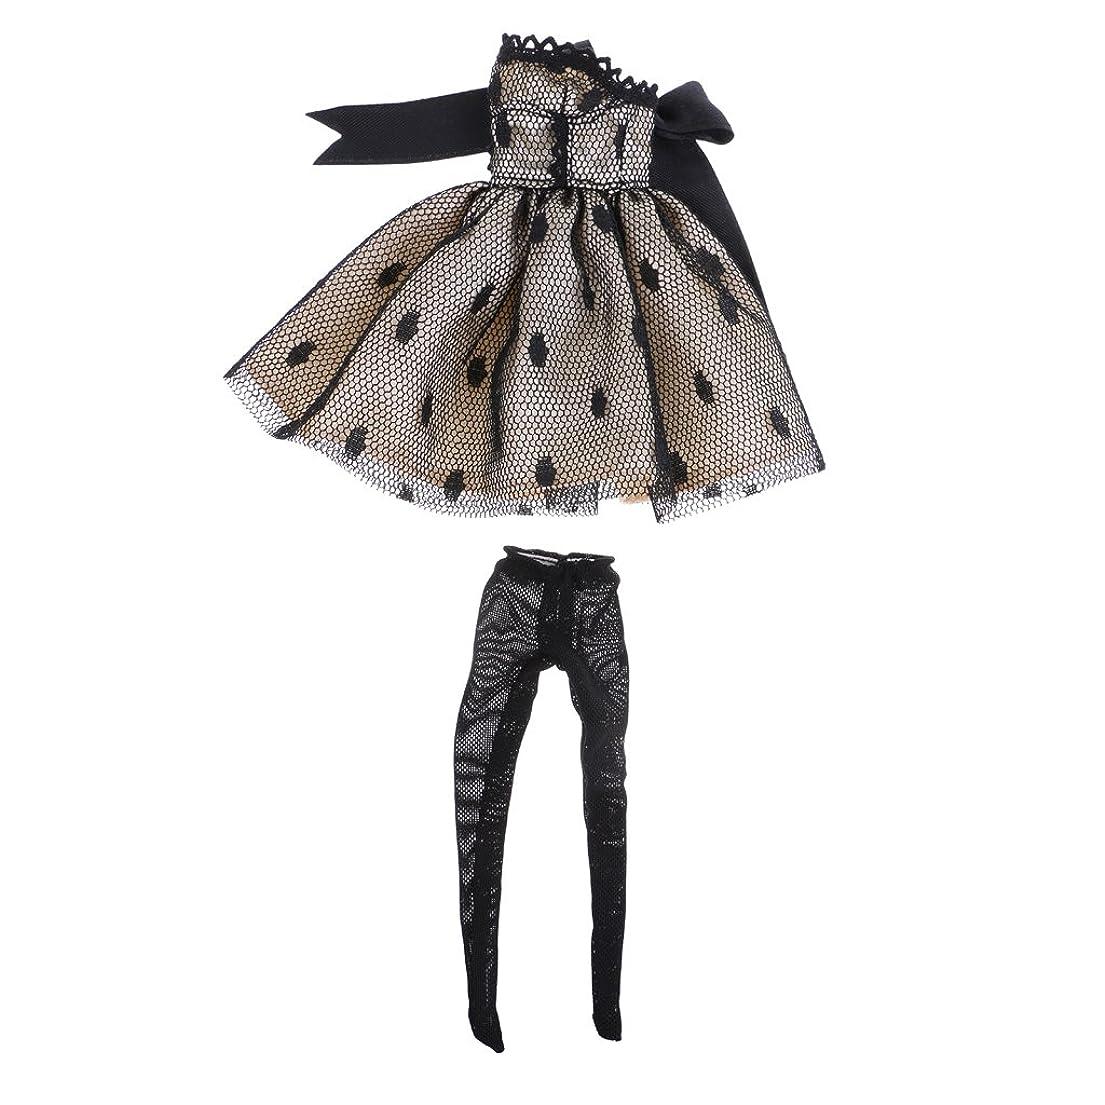 冊子周り勧めるレーススカート ちょう結びドレス レギンス 布製 1/6ブライスドール人形のため アクセサリー